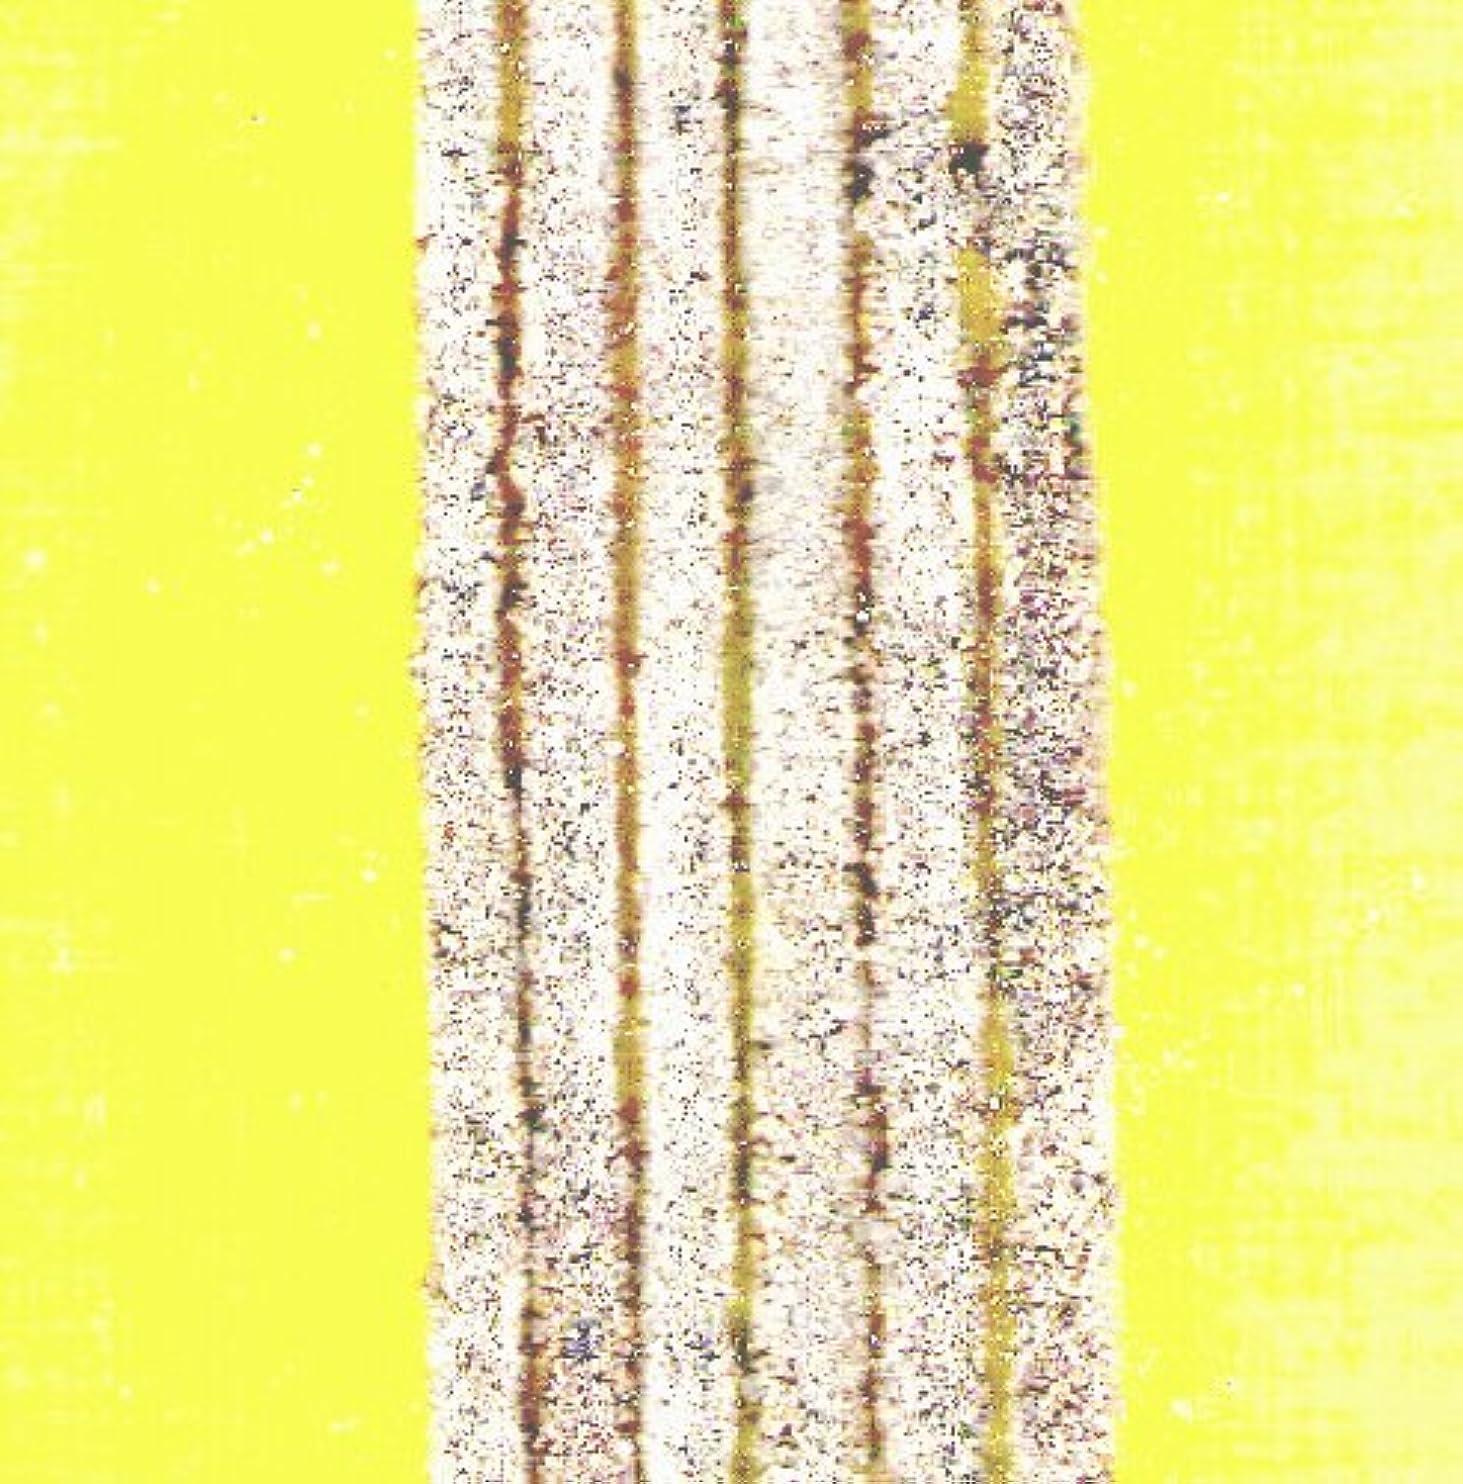 錫緊張するリルローマブレンドFrankincense and Myrrh